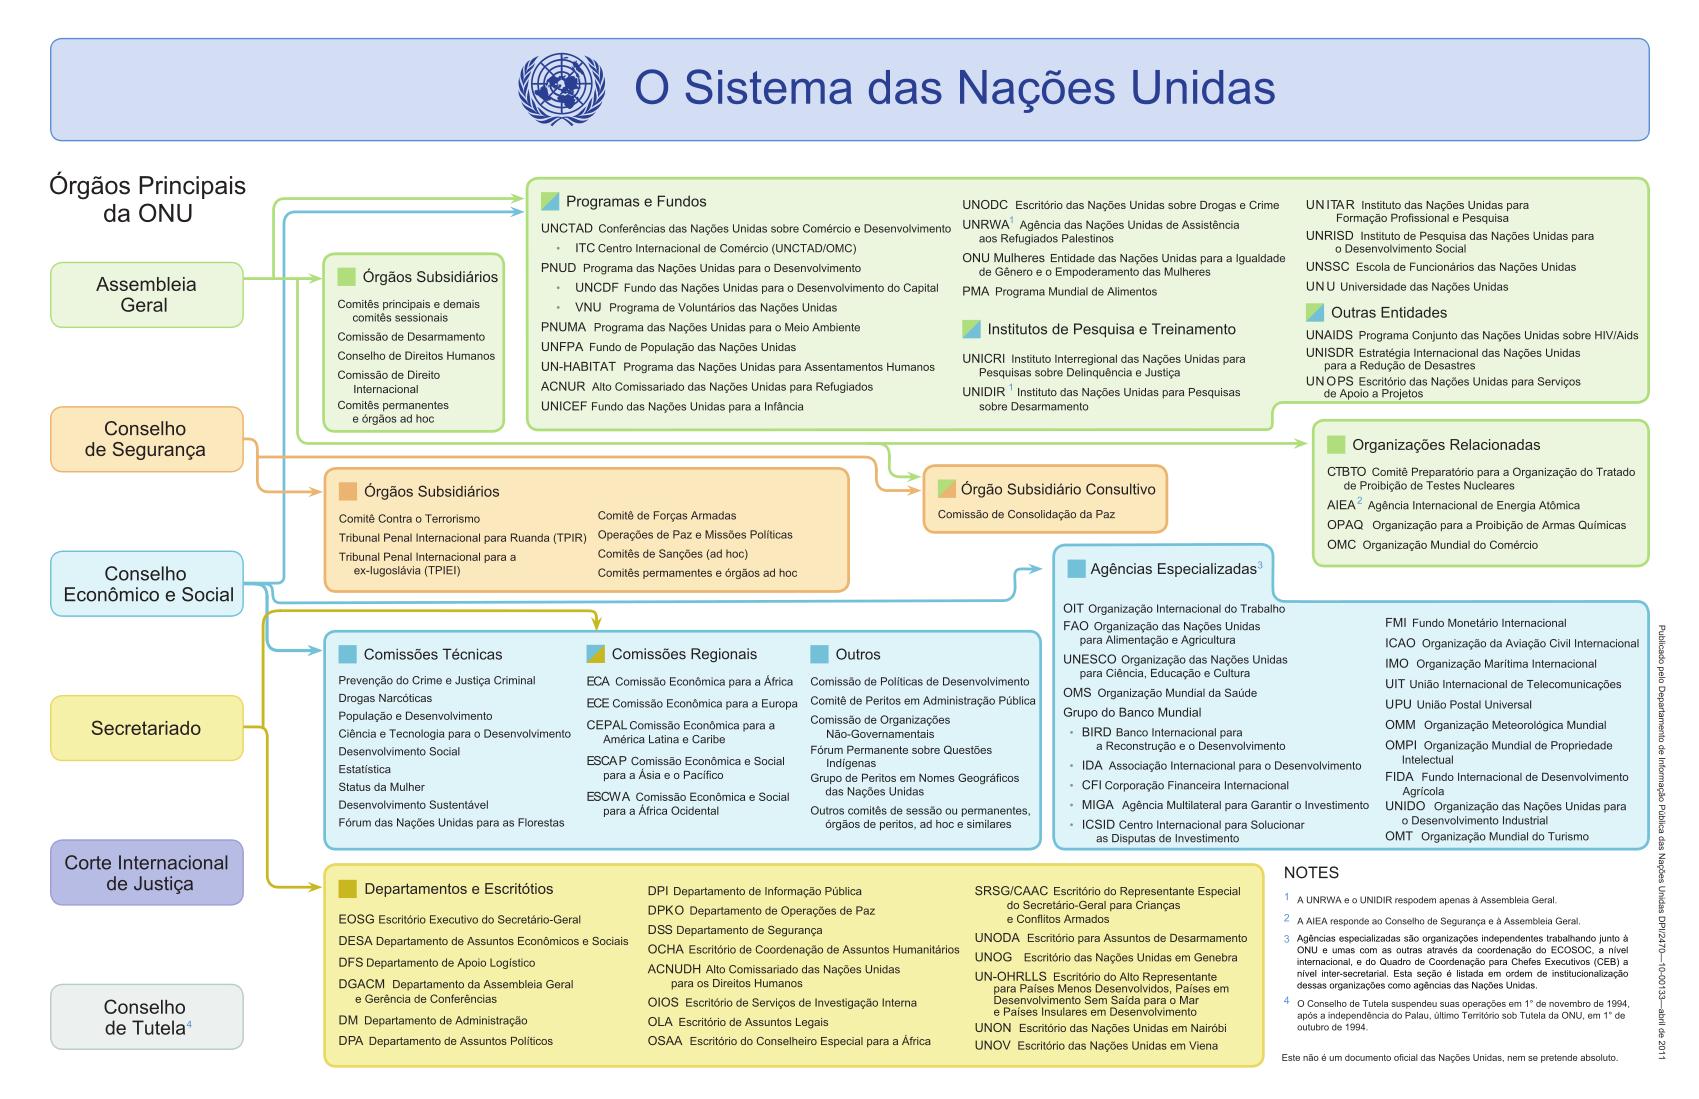 Organograma da Organização das Nações Unidas. (clique para ampliar)